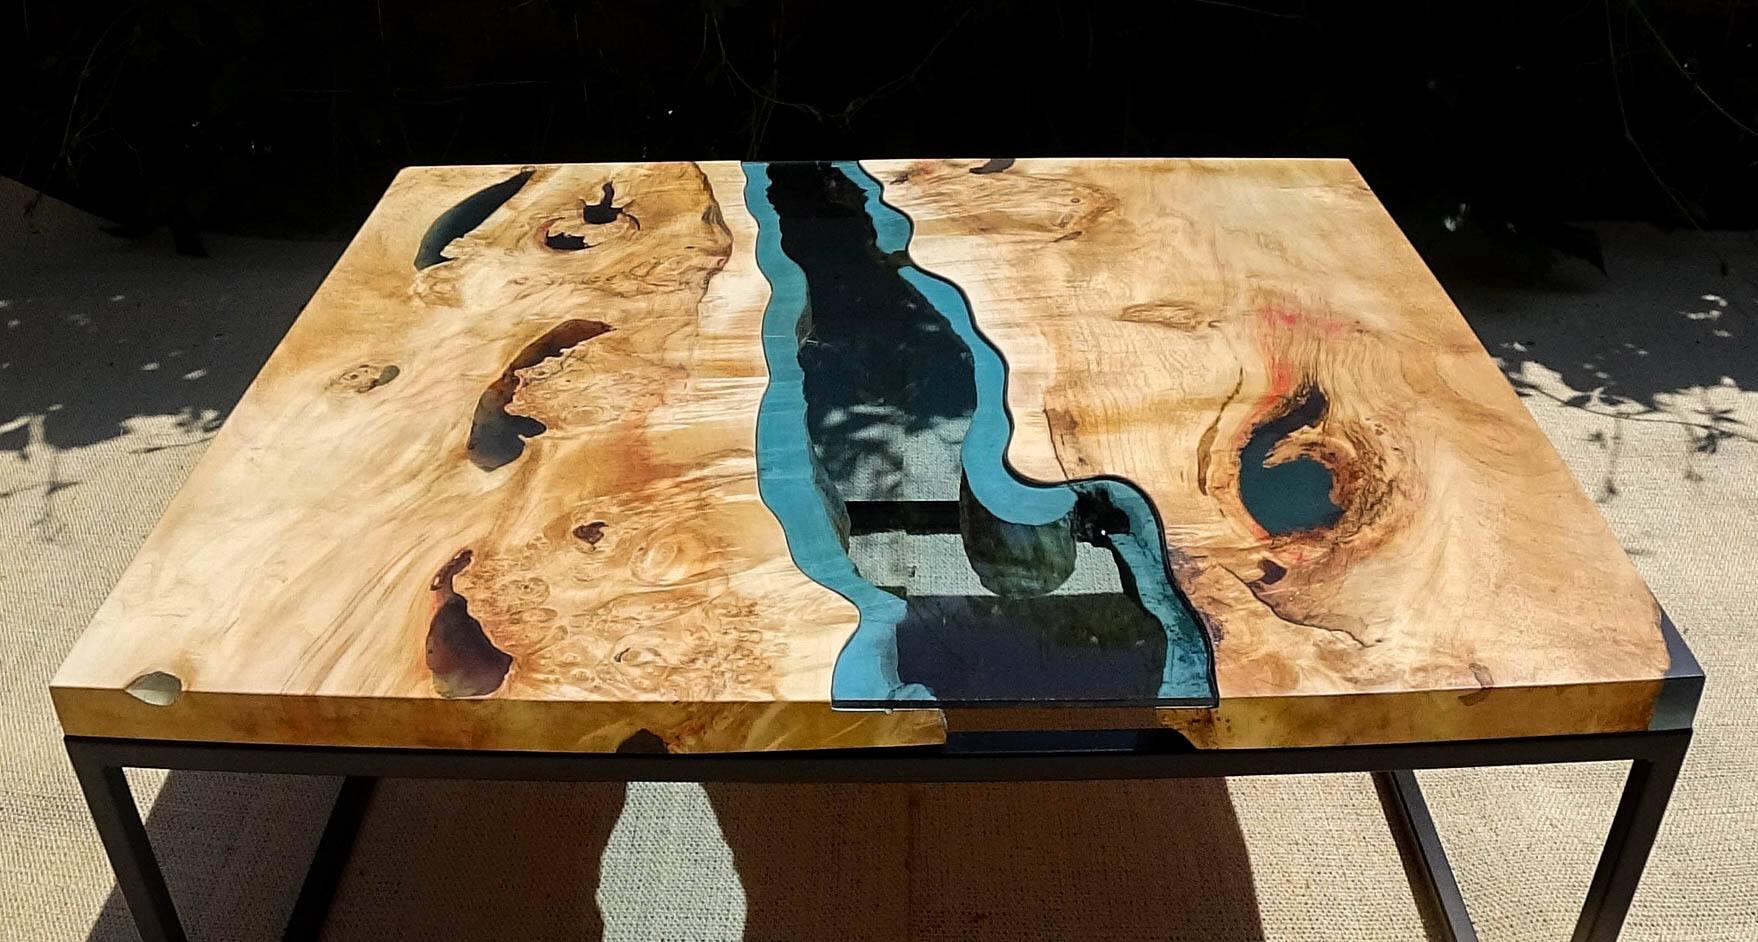 Colle adesivi e siliconi resina epossidica trasparente for Mobili wooden art